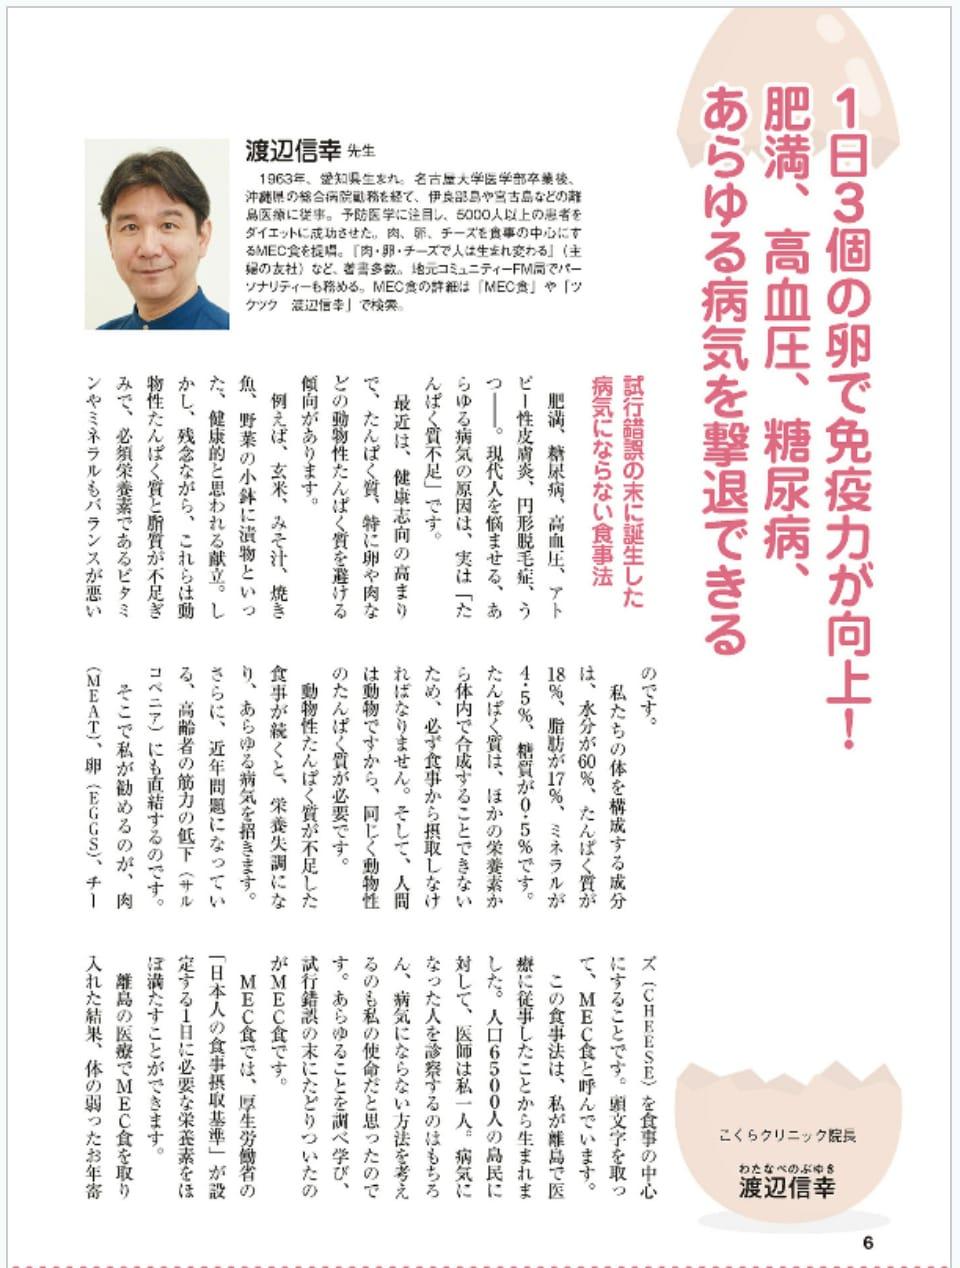 渡辺信幸の記事